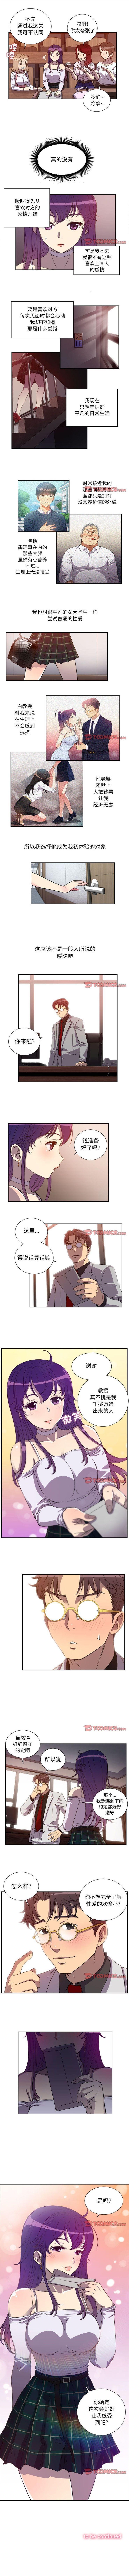 由莉的秘密1-60 中文翻译 (更新中) 273